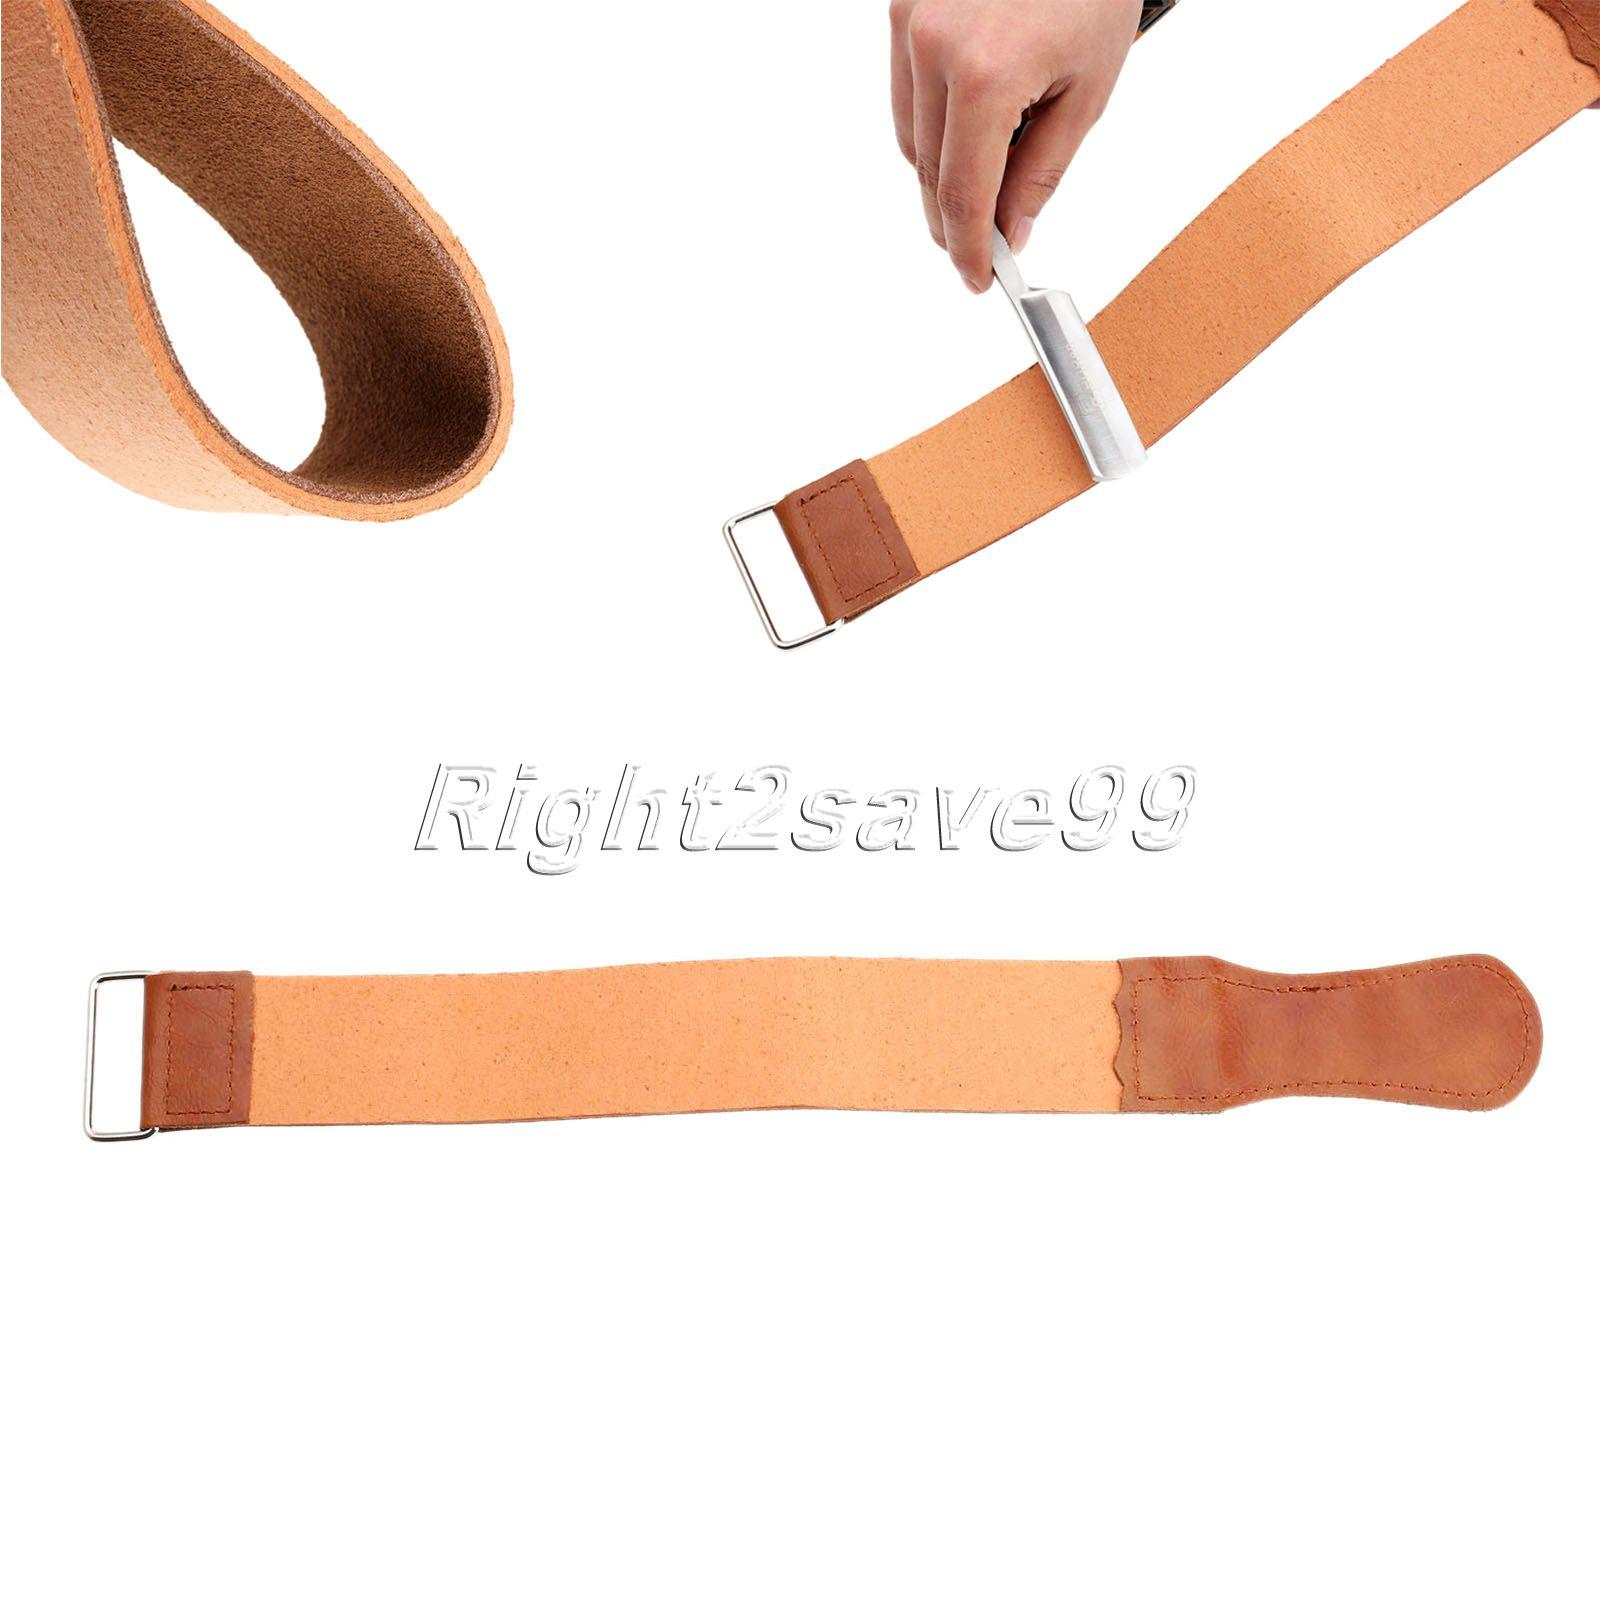 Rak Razor Sharpener Rem Läder Rakning Rem Bälte För Frisör Rak Razor Kniv Skärning Barber Stropping PU Läder